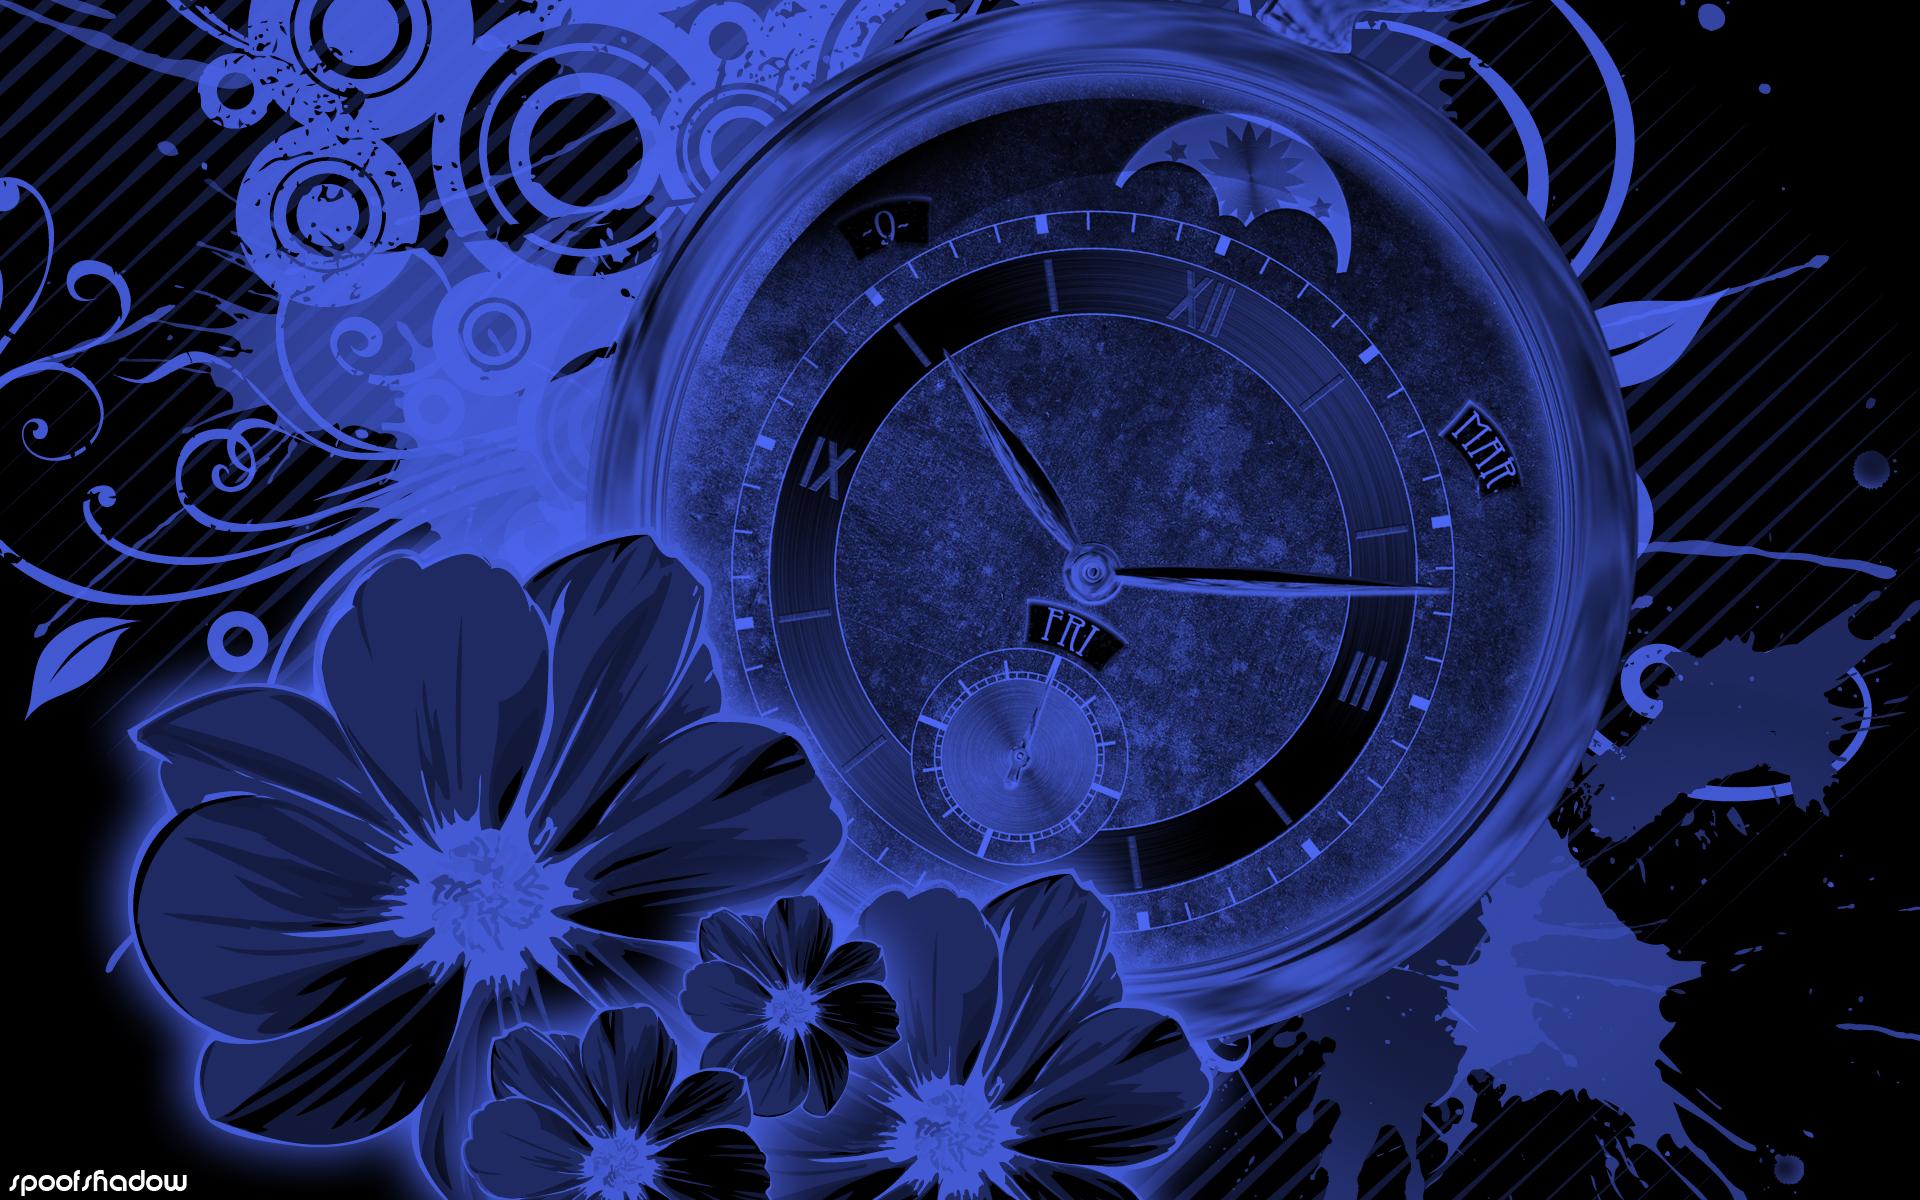 Frozen Timepiece